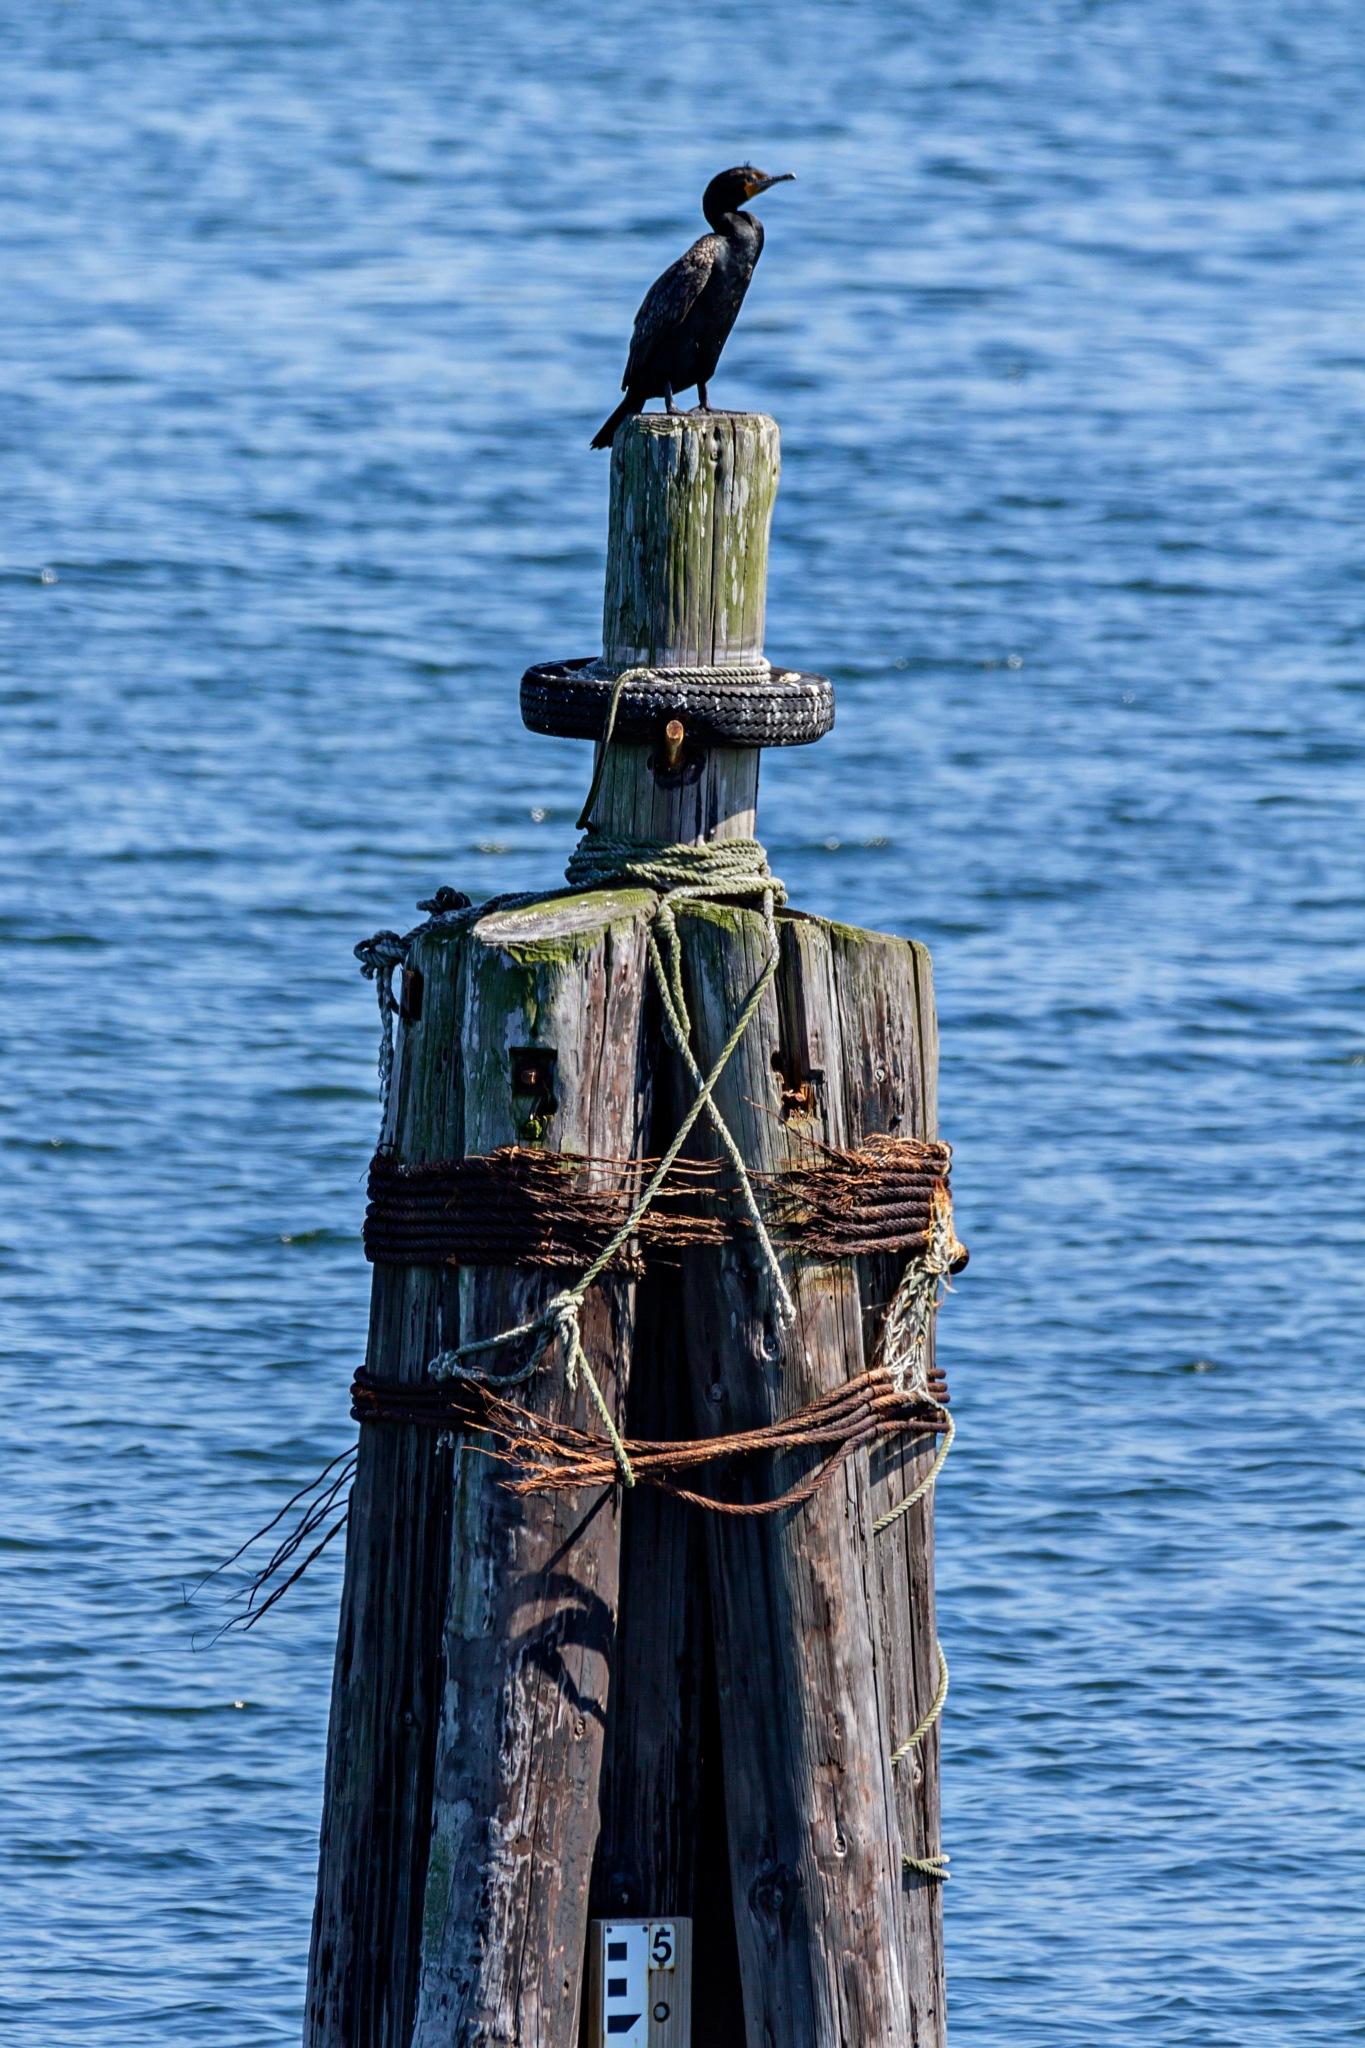 Cormorant keeping watch by PamelaTurcotte